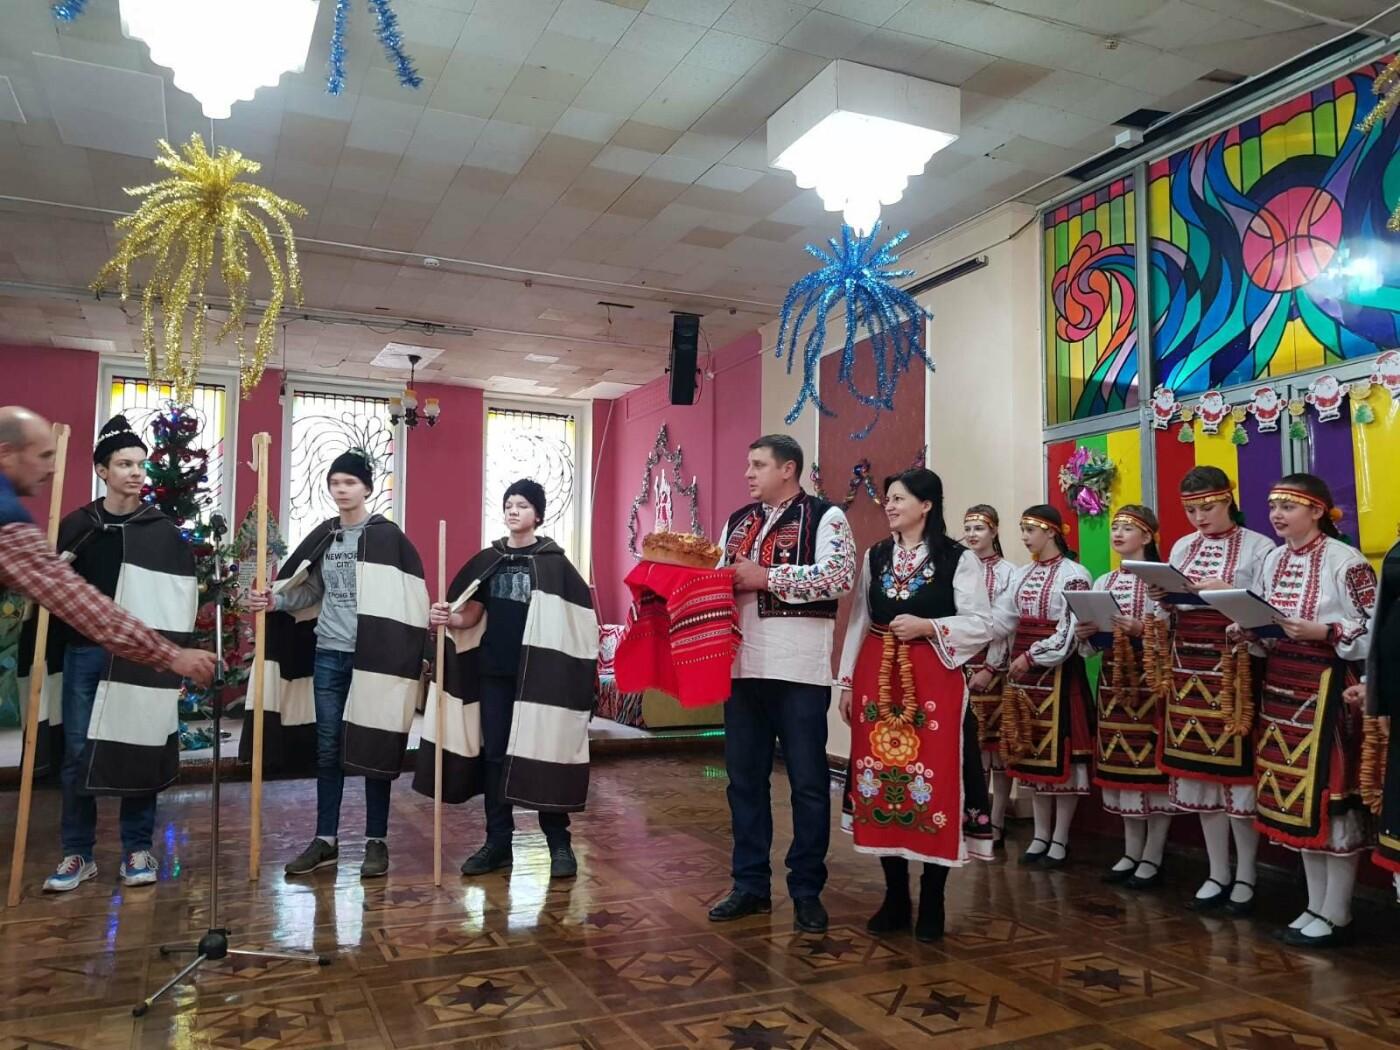 Как отмечают рождественские праздники различные национально-культурные общества Бердянска, фото-5